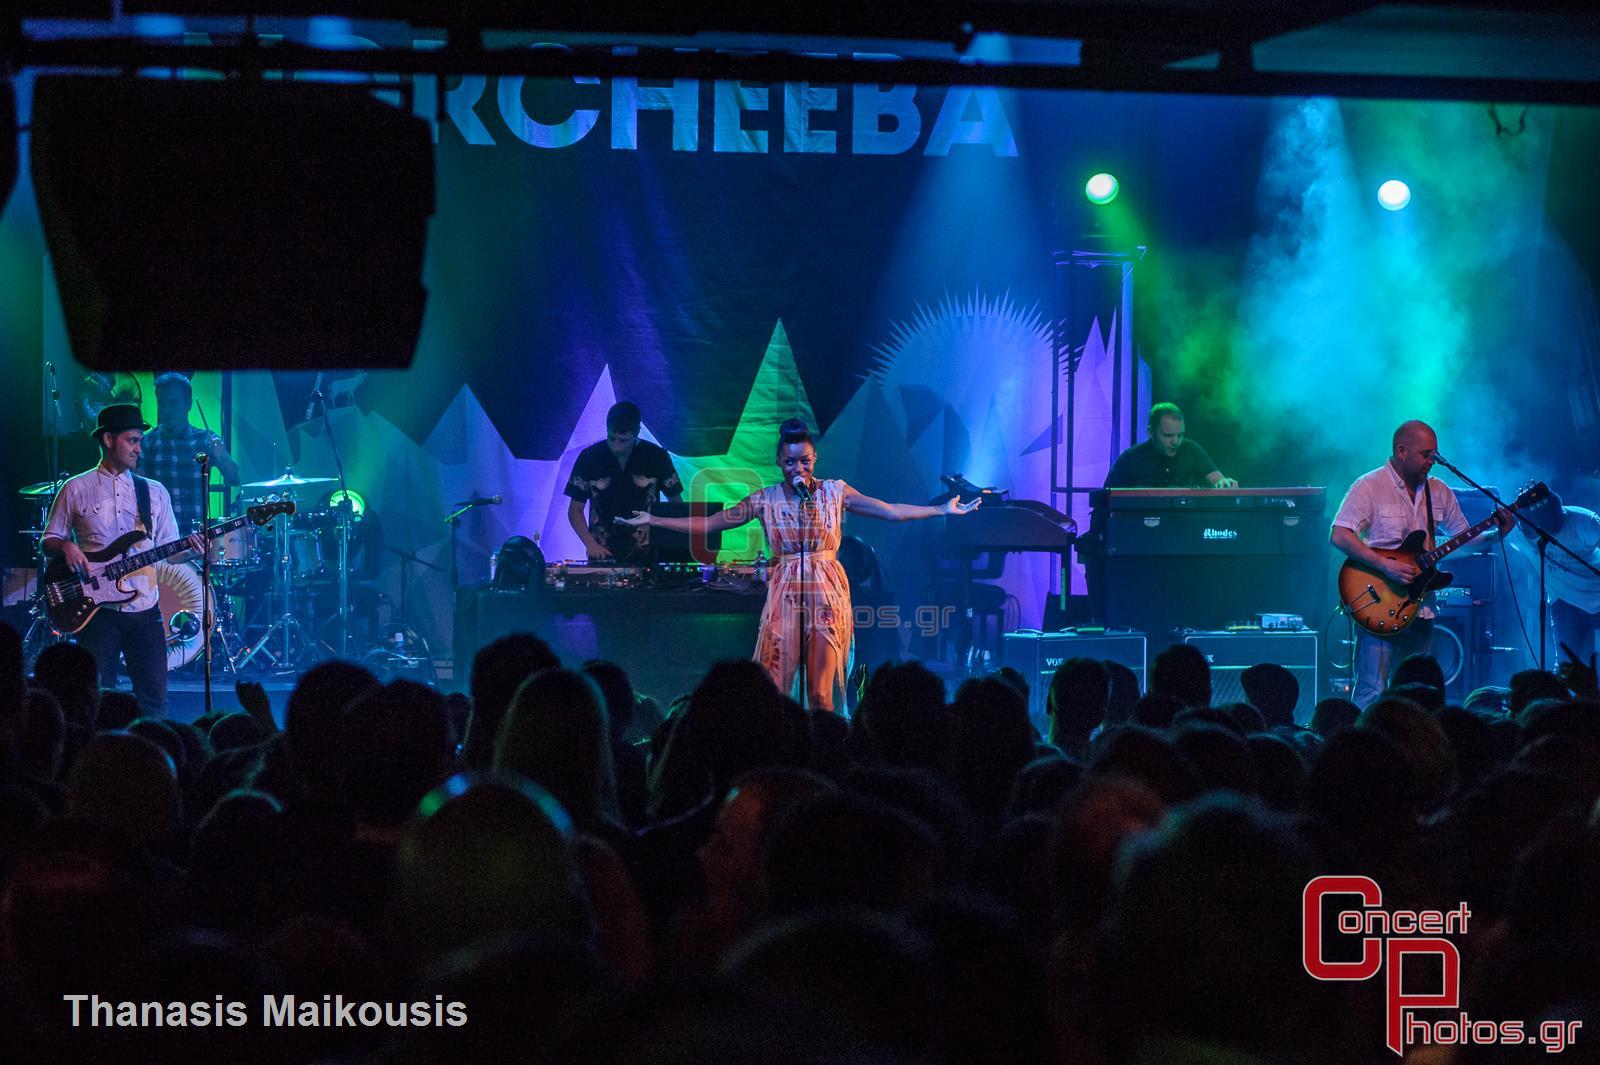 Morcheeba-Morcheeba Gagarin photographer: Thanasis Maikousis - ConcertPhotos-1529